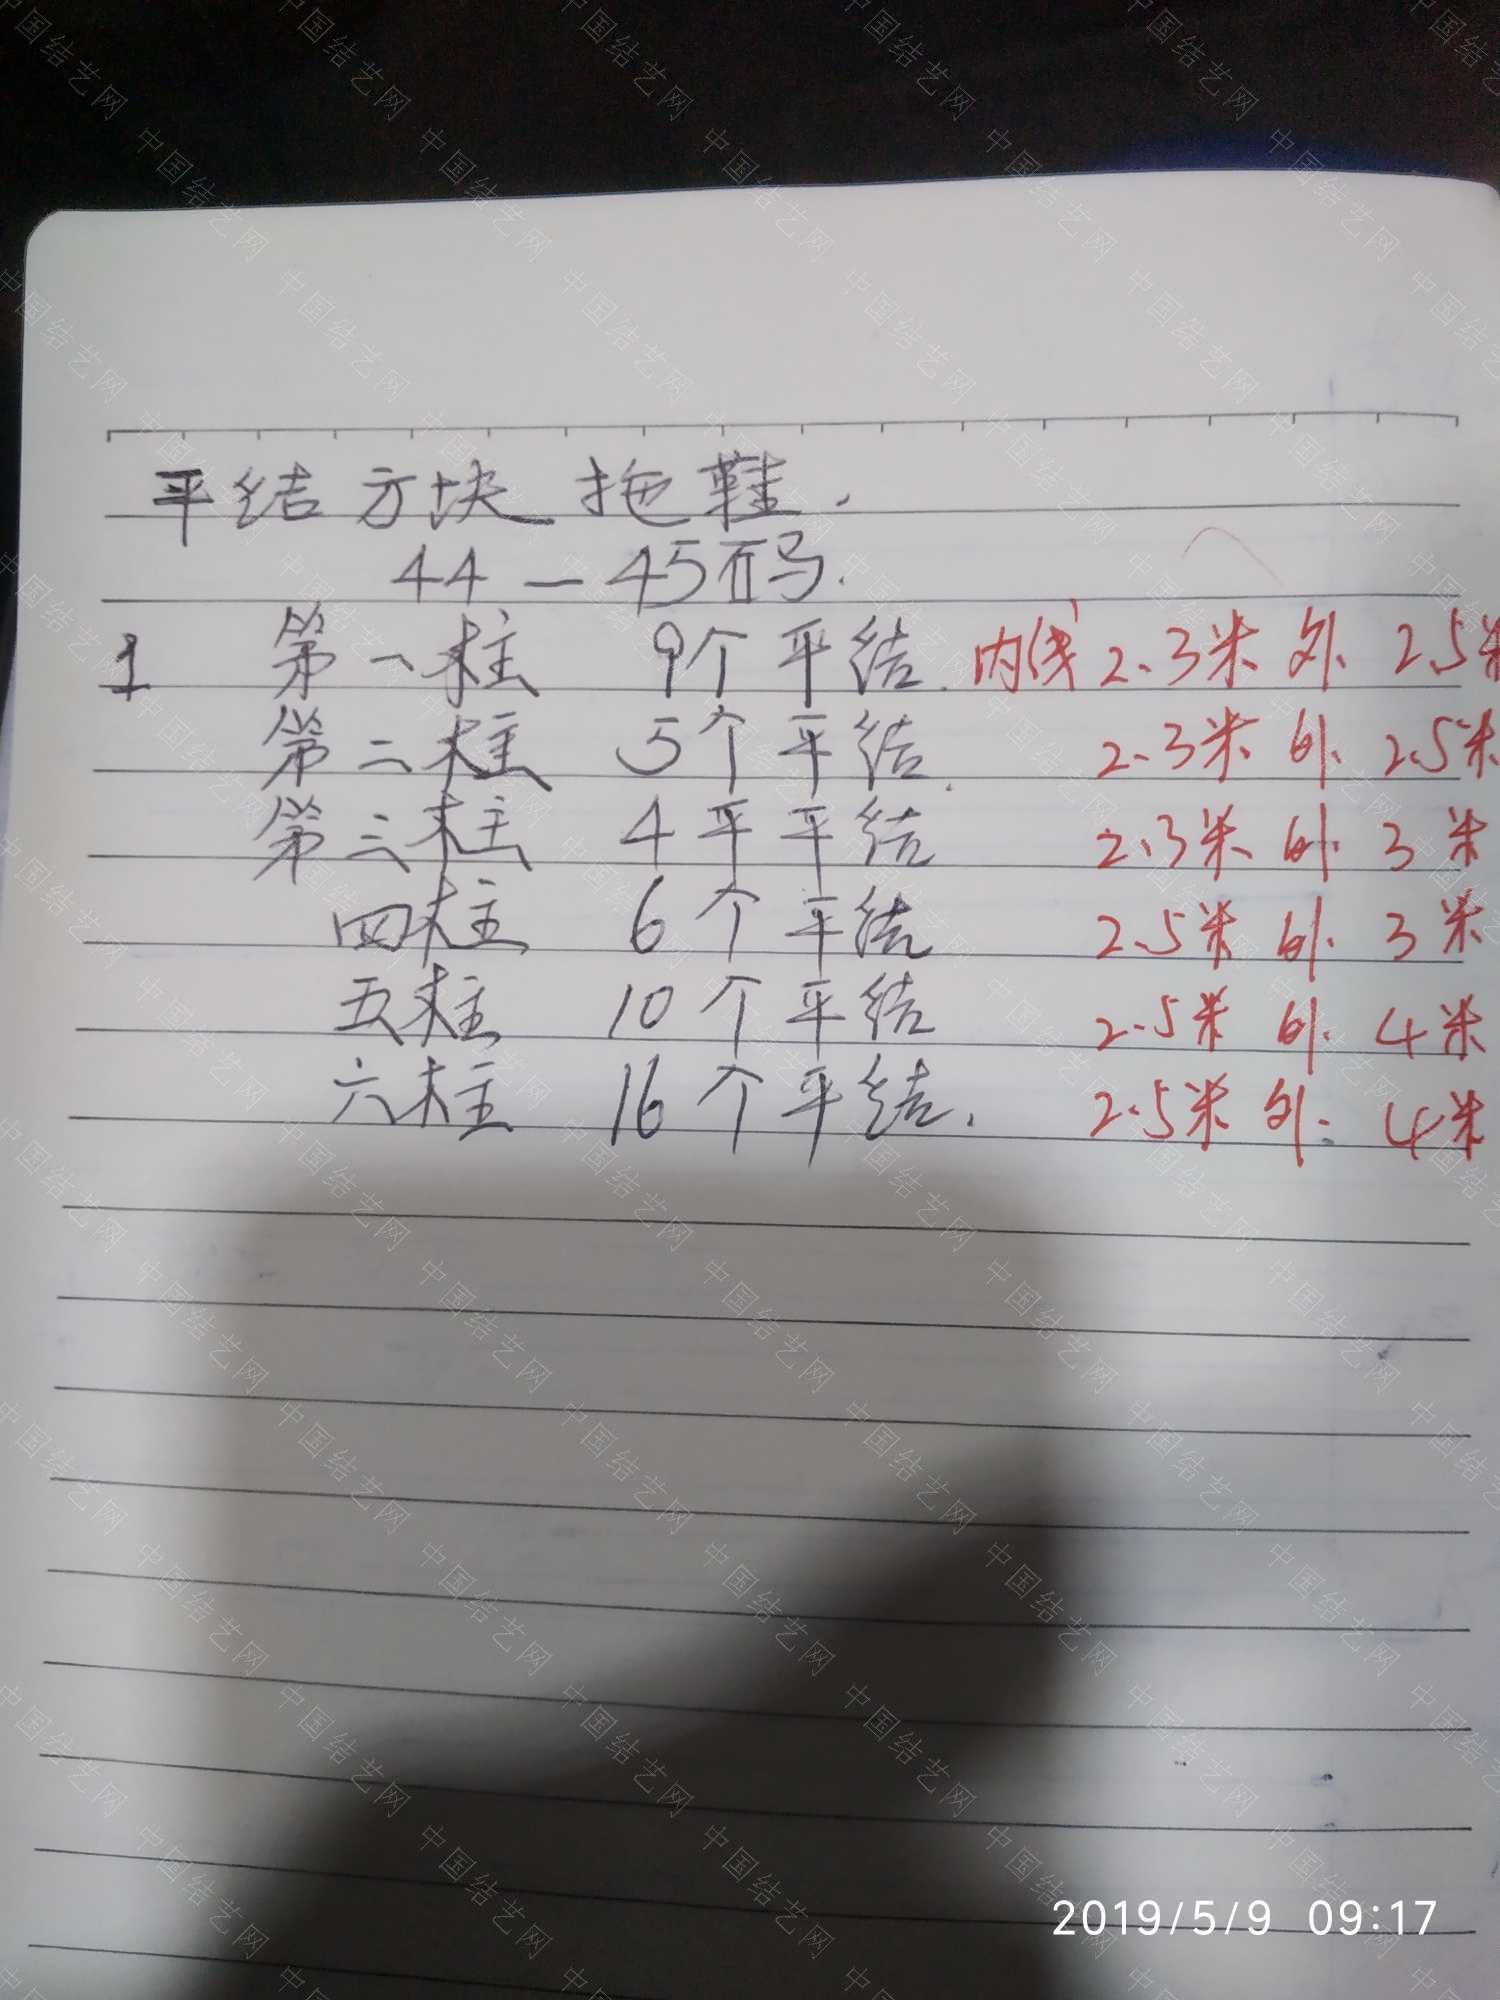 中国结论坛 中国结方块拖鞋44-45码  图文教程区 094820p39nbucyuccccr9u